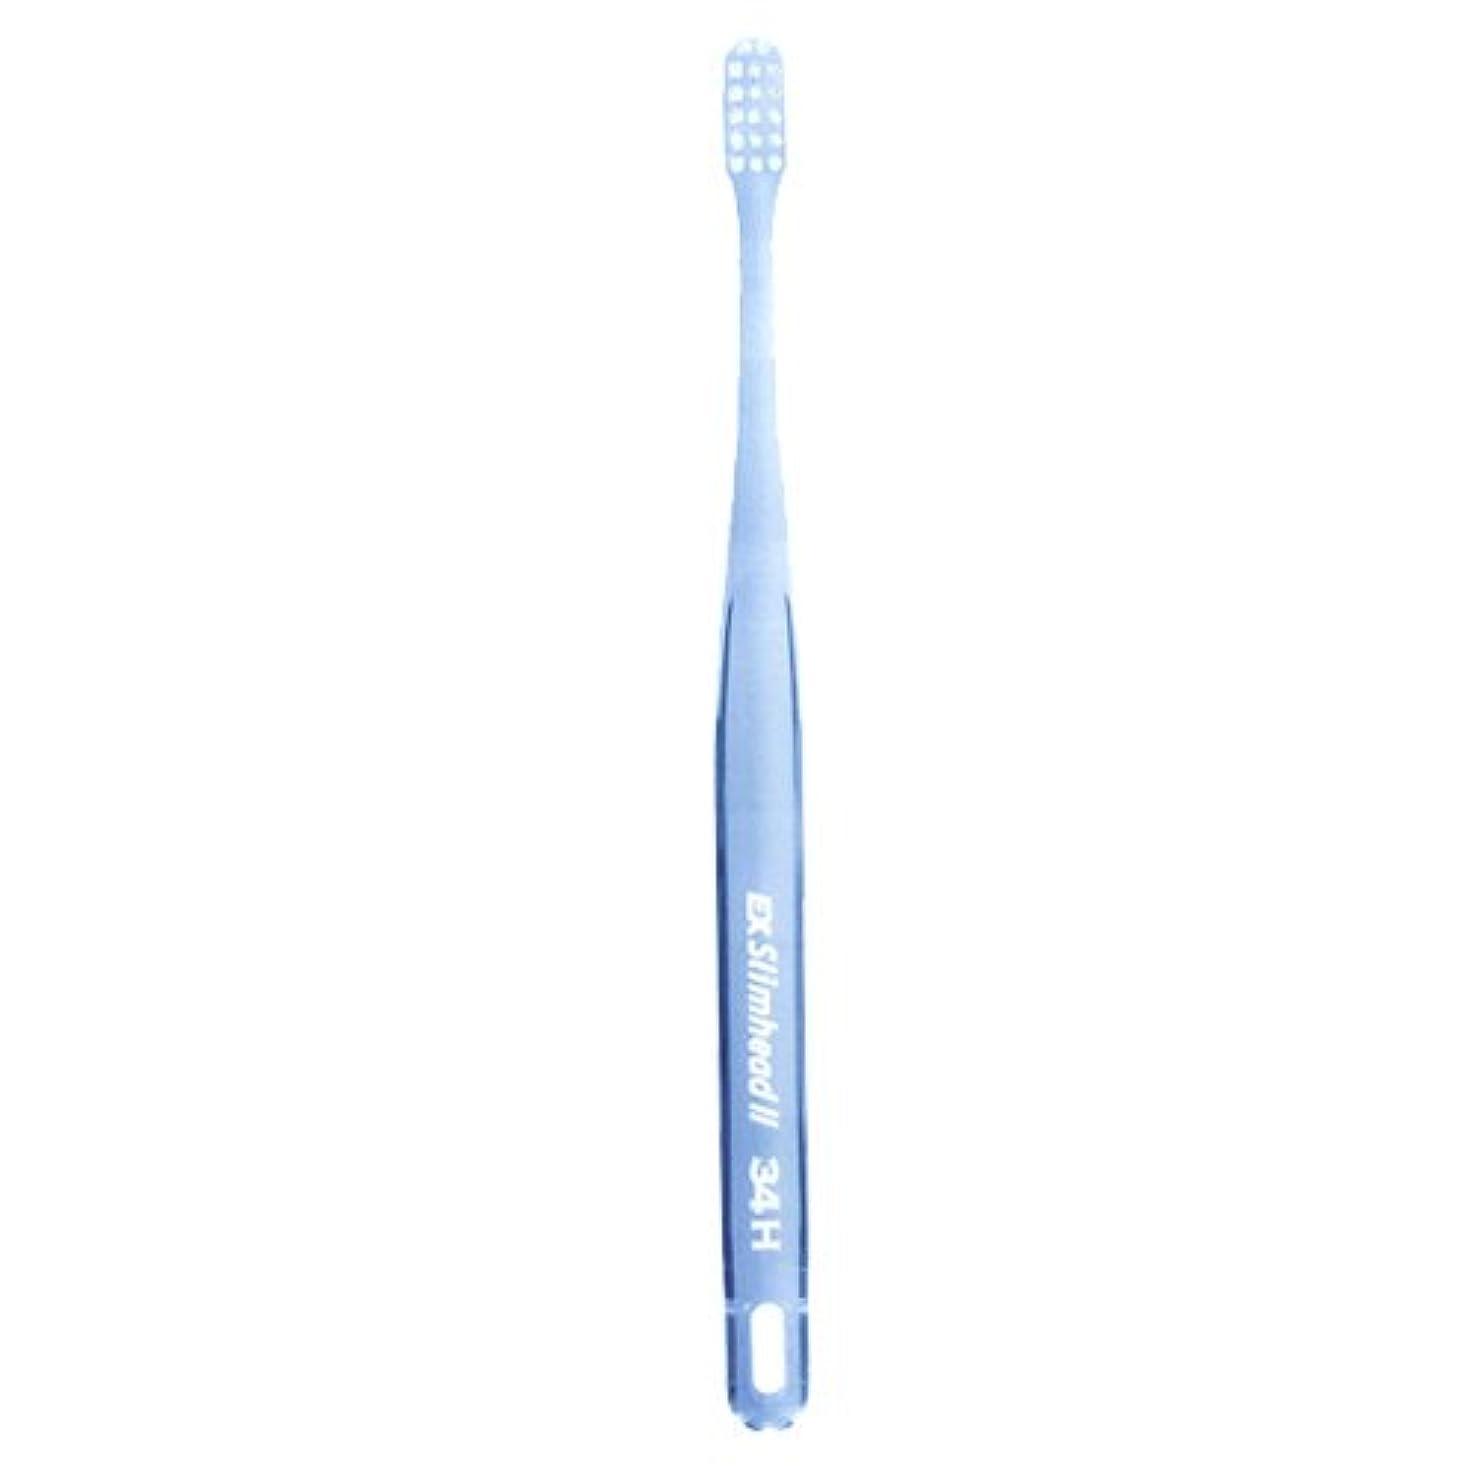 娯楽に頼るなめらかライオン スリムヘッド2 歯ブラシ DENT . EX Slimhead2 1本 34M クリアブルー